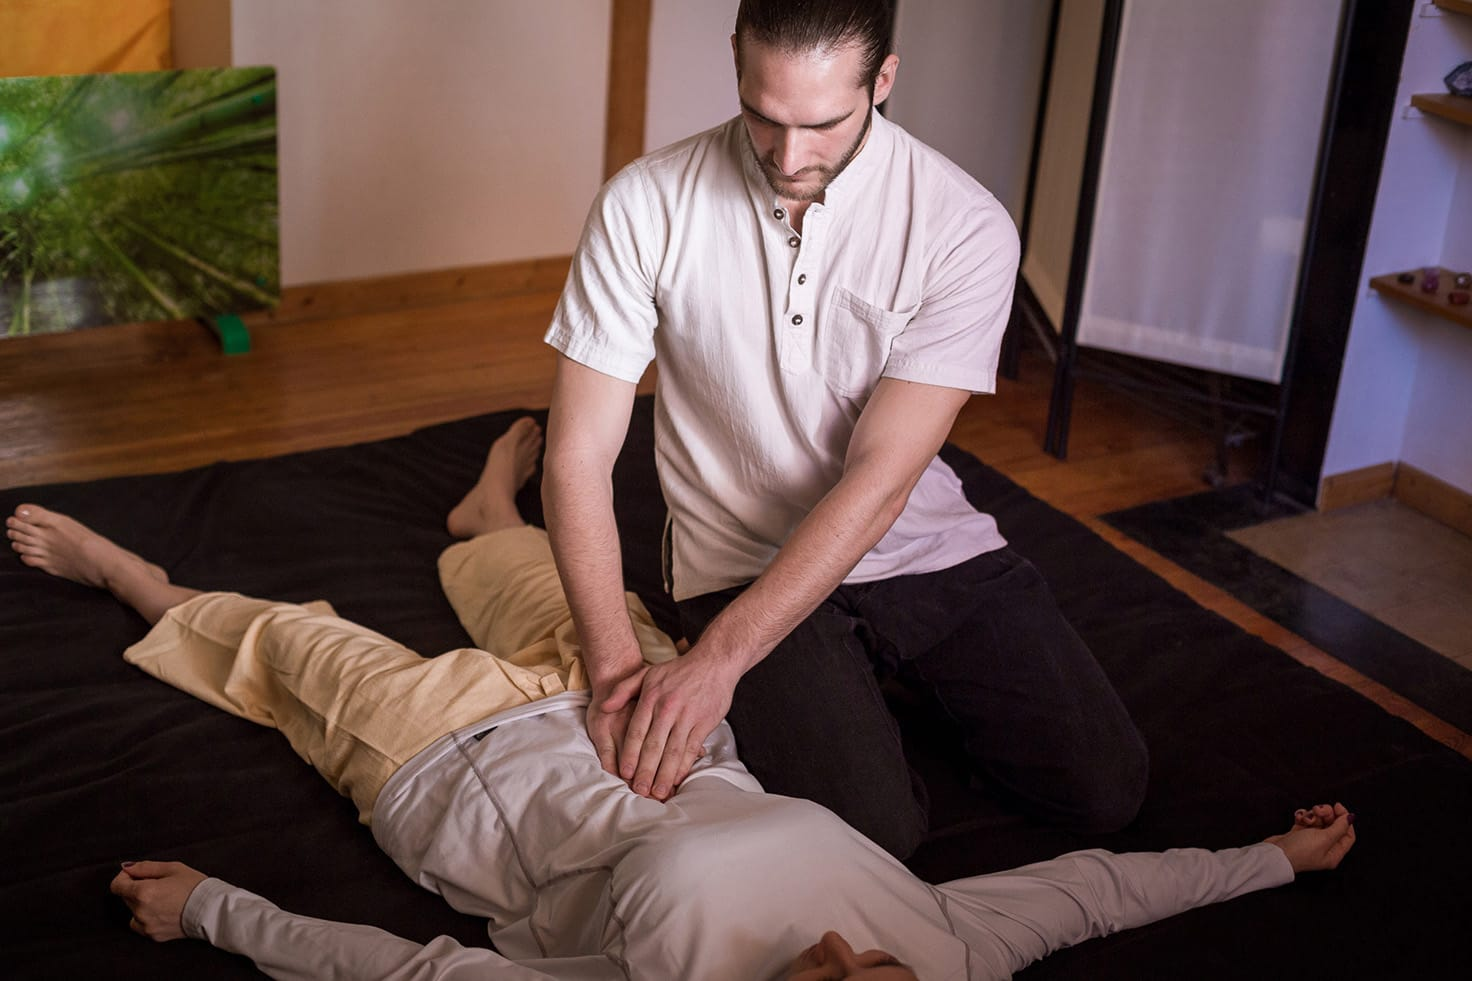 Massage hilden chinesische China